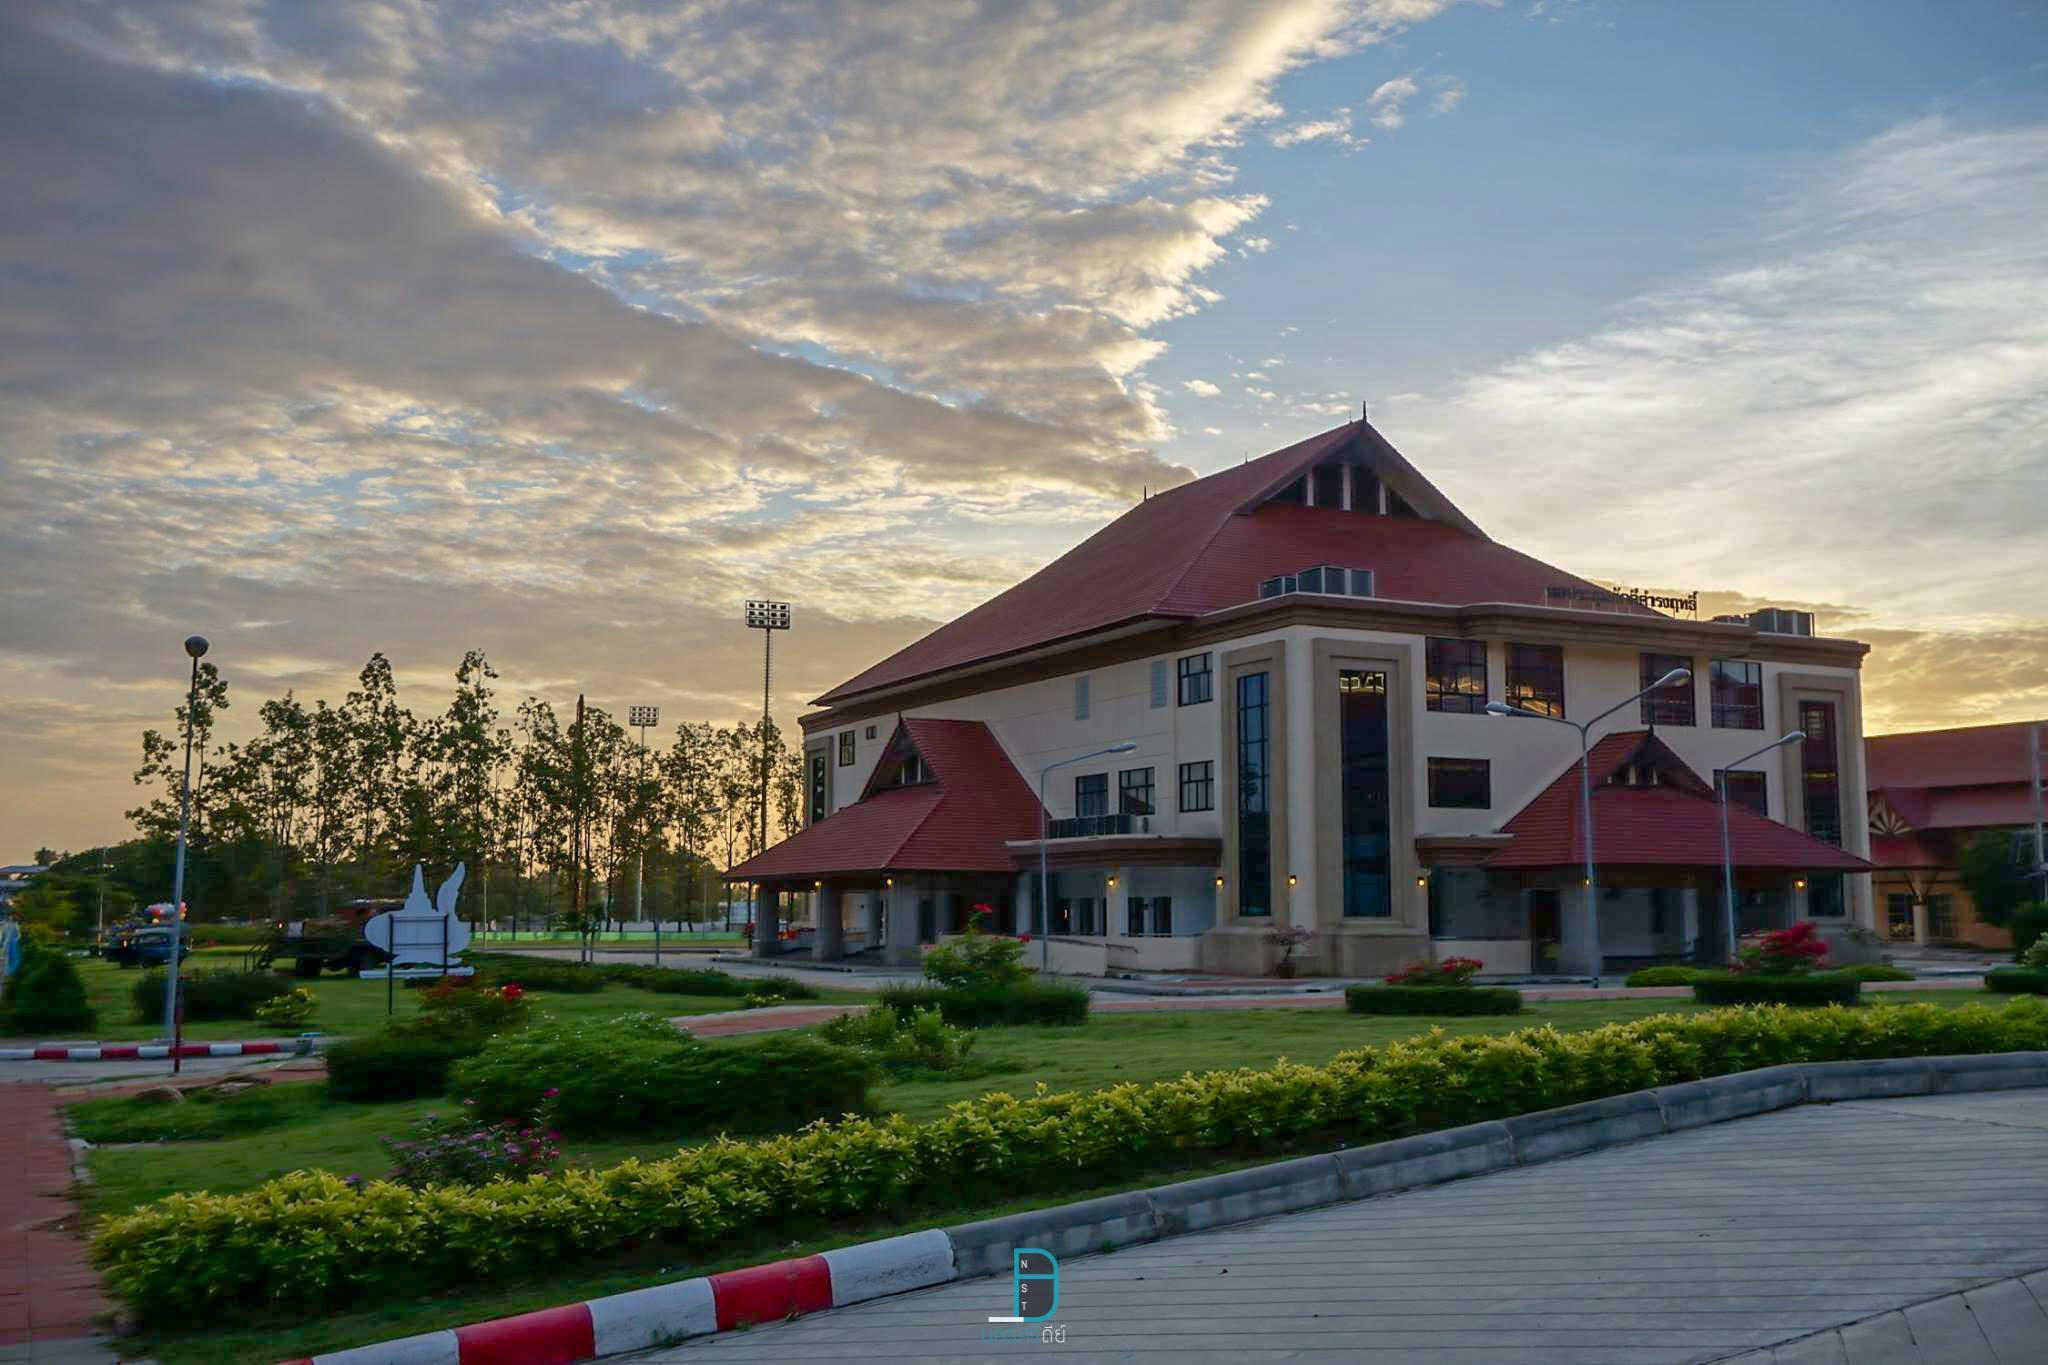 29.-มหาวิทยาลัยราชภัฏนครศรีธรรมราช-ที่นี่มีจุดเช็คอินสวยๆมากมาย-ทั้งพระสูงที่อยู่บนเขา-และจุดถ่ายรูปอื่นๆครับ นครศรีธรรมราช,จุดถ่ายรูป,จุดเช็คอิน,ทะเล,ภูเขา,ป่า,น้ำตก,ลำธาร,คาเฟ่,ร้านอาหาร,จุดถ่ายรูป